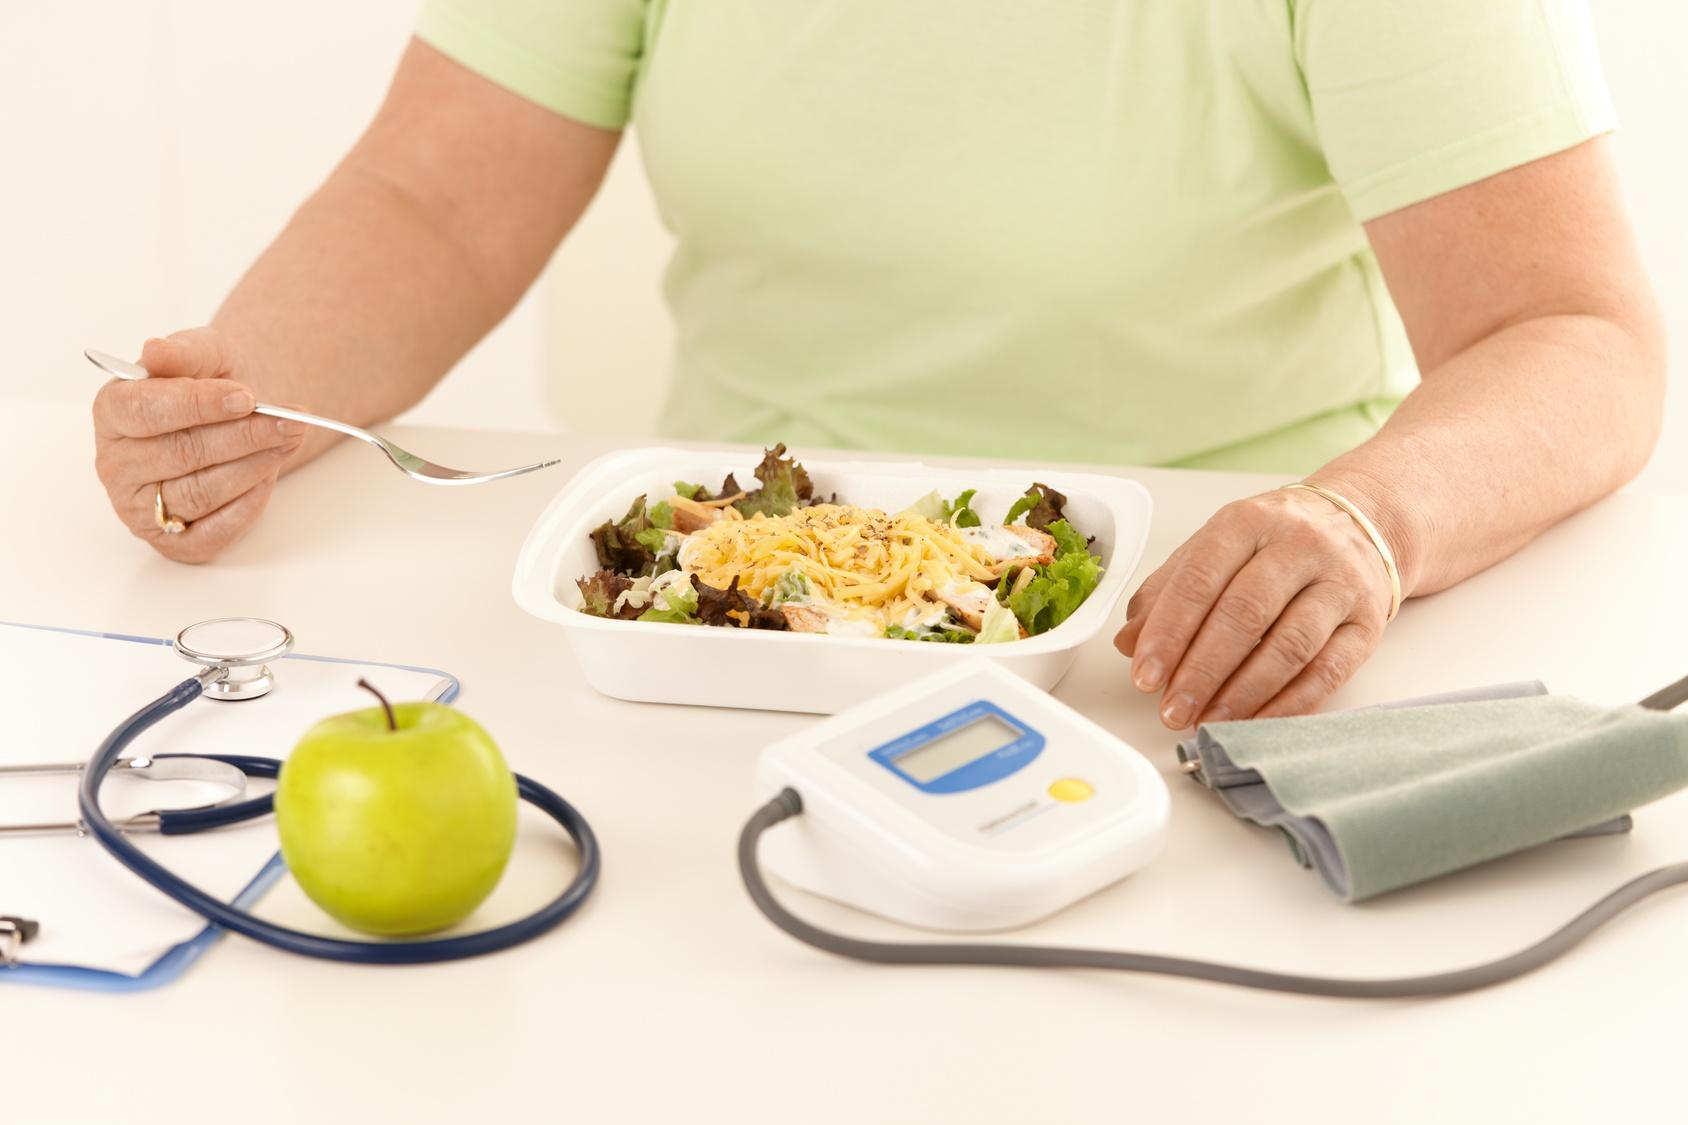 диета для диабетиков чтобы похудеть